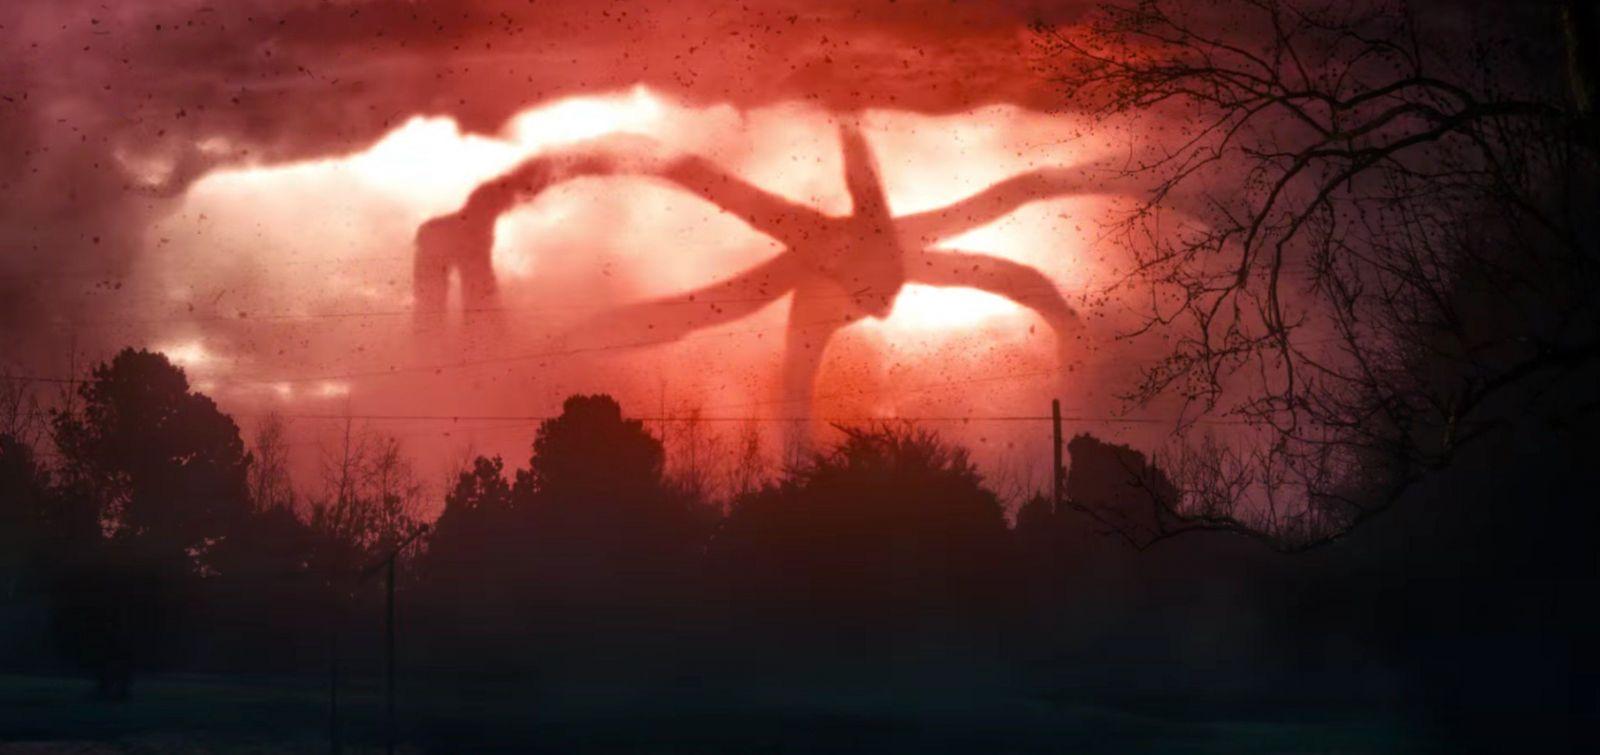 Imagem da série da Netflix Stranger Things 2. A imagem mostra o monstro de Upside Down em meio a uma tempestade vermelha.